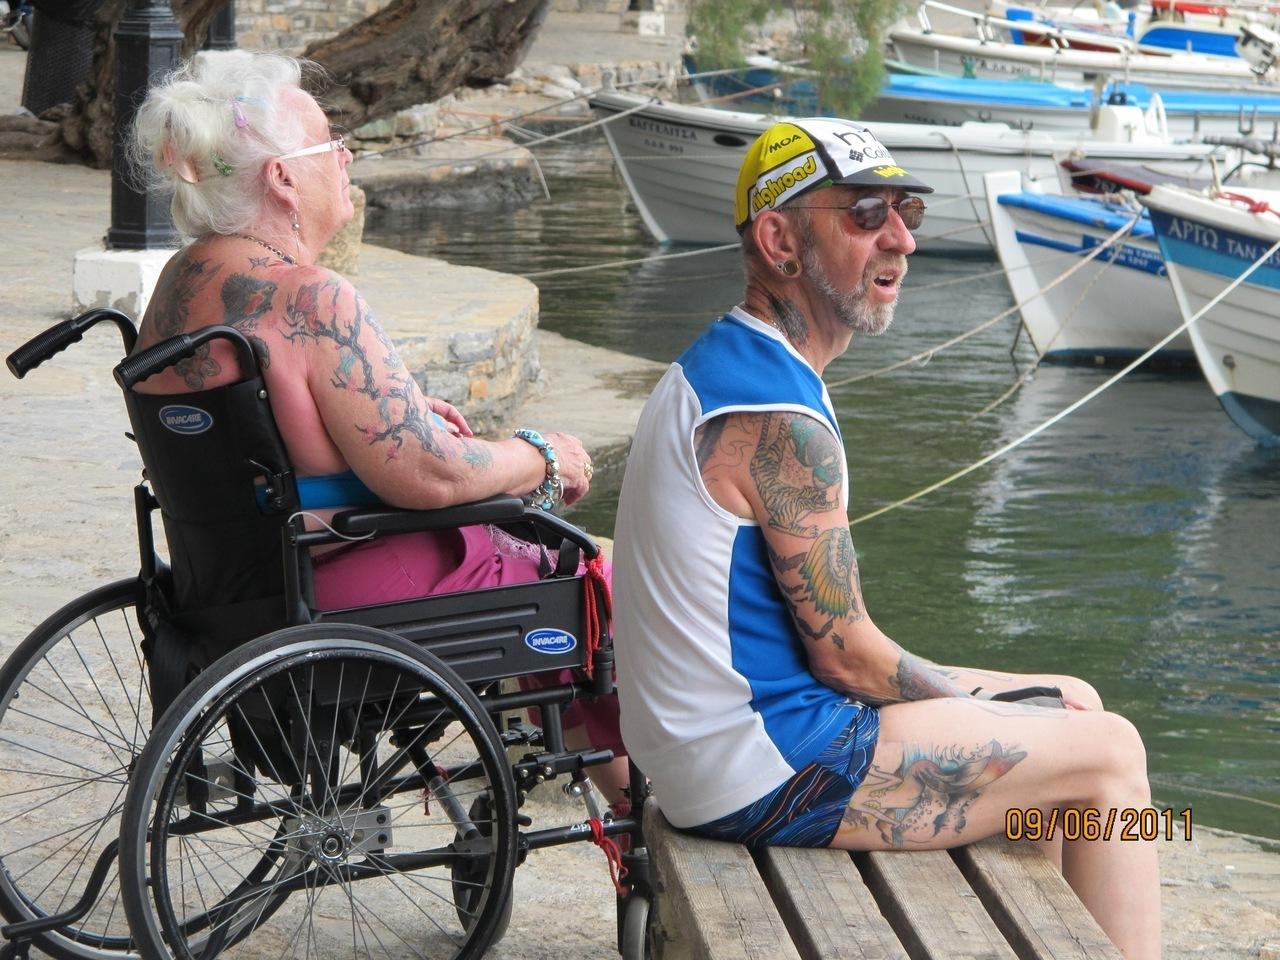 Секс в инвалидных колясках 18 фотография